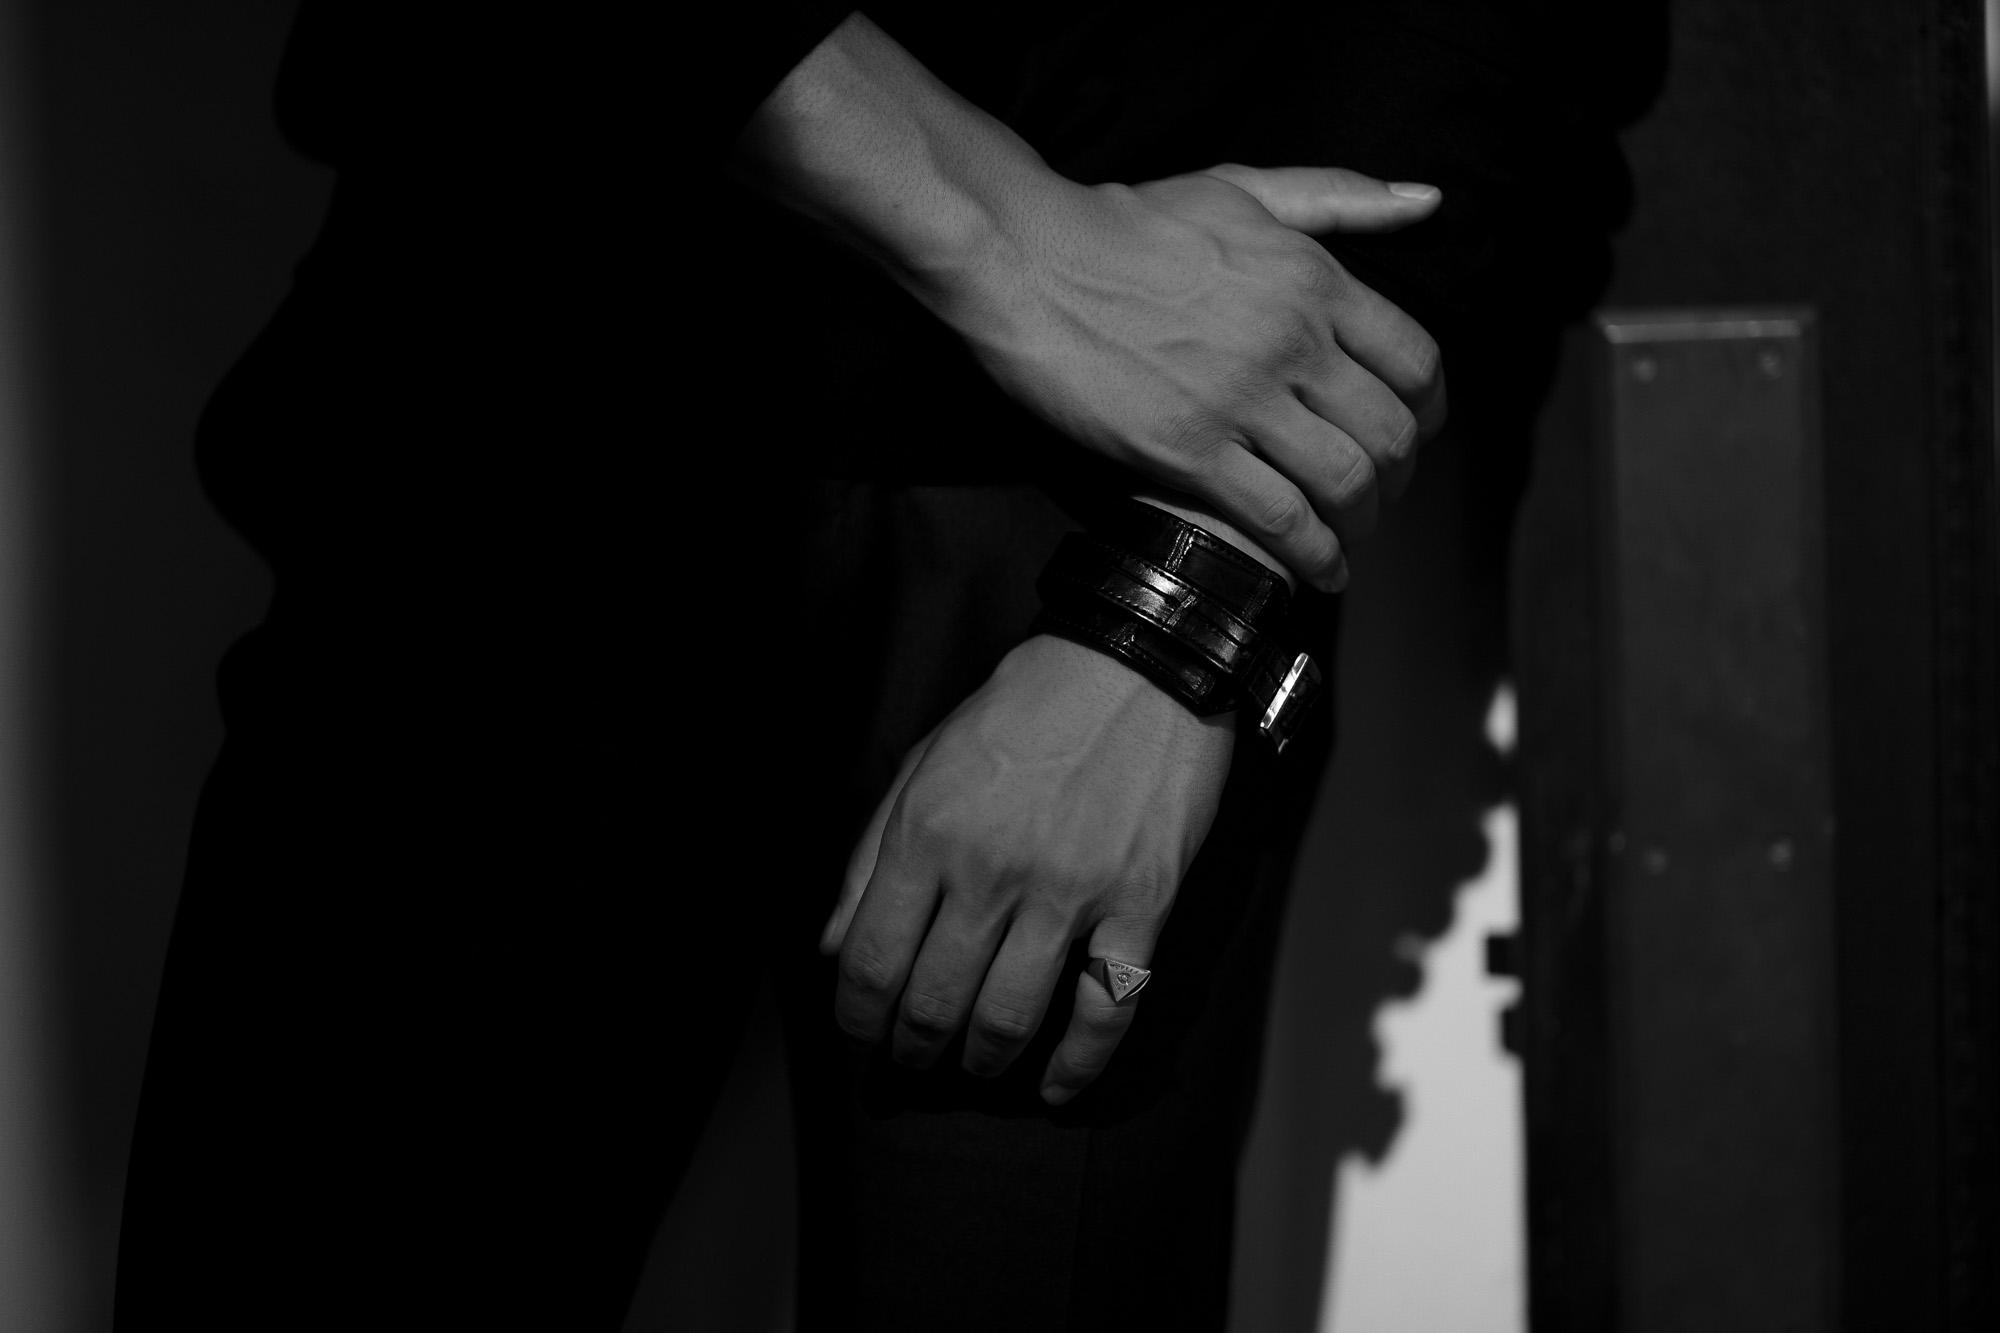 FIXER(フィクサー) CROCODILE LEATHER BRACELET 925 STERLING SILVER (925 スターリングシルバー) クロコダイル レザー ブレスレット BLACK (ブラック) 愛知 名古屋 altoediritto アルトエデリット クロコダイル ブレスレット バングル